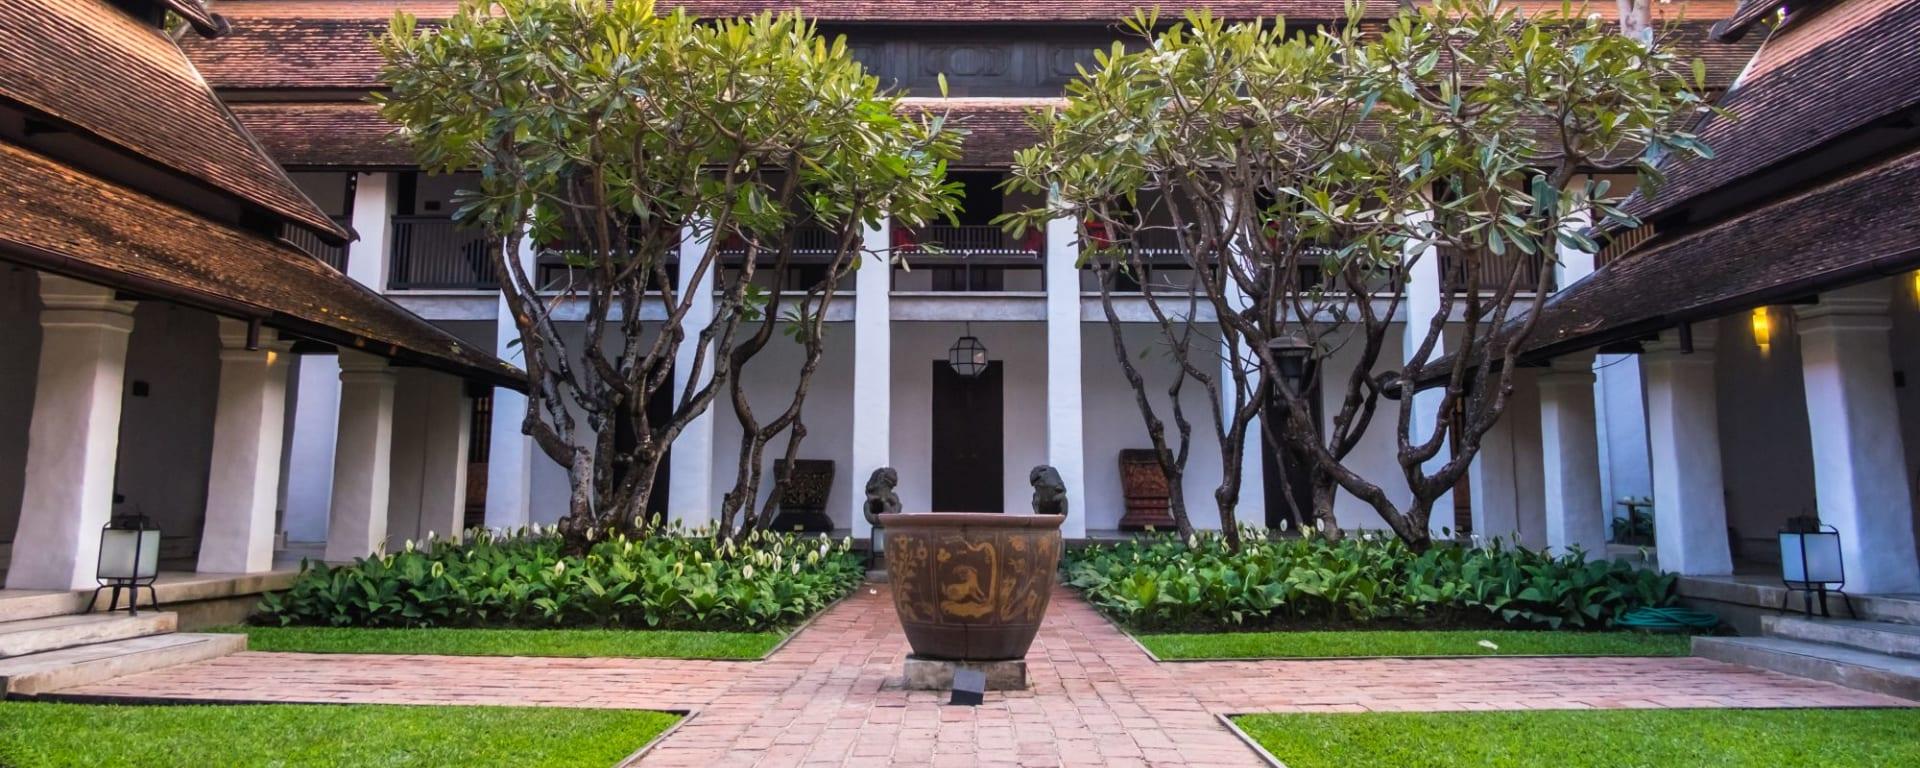 Rachamankha in Chiang Mai: Hotel courtyard